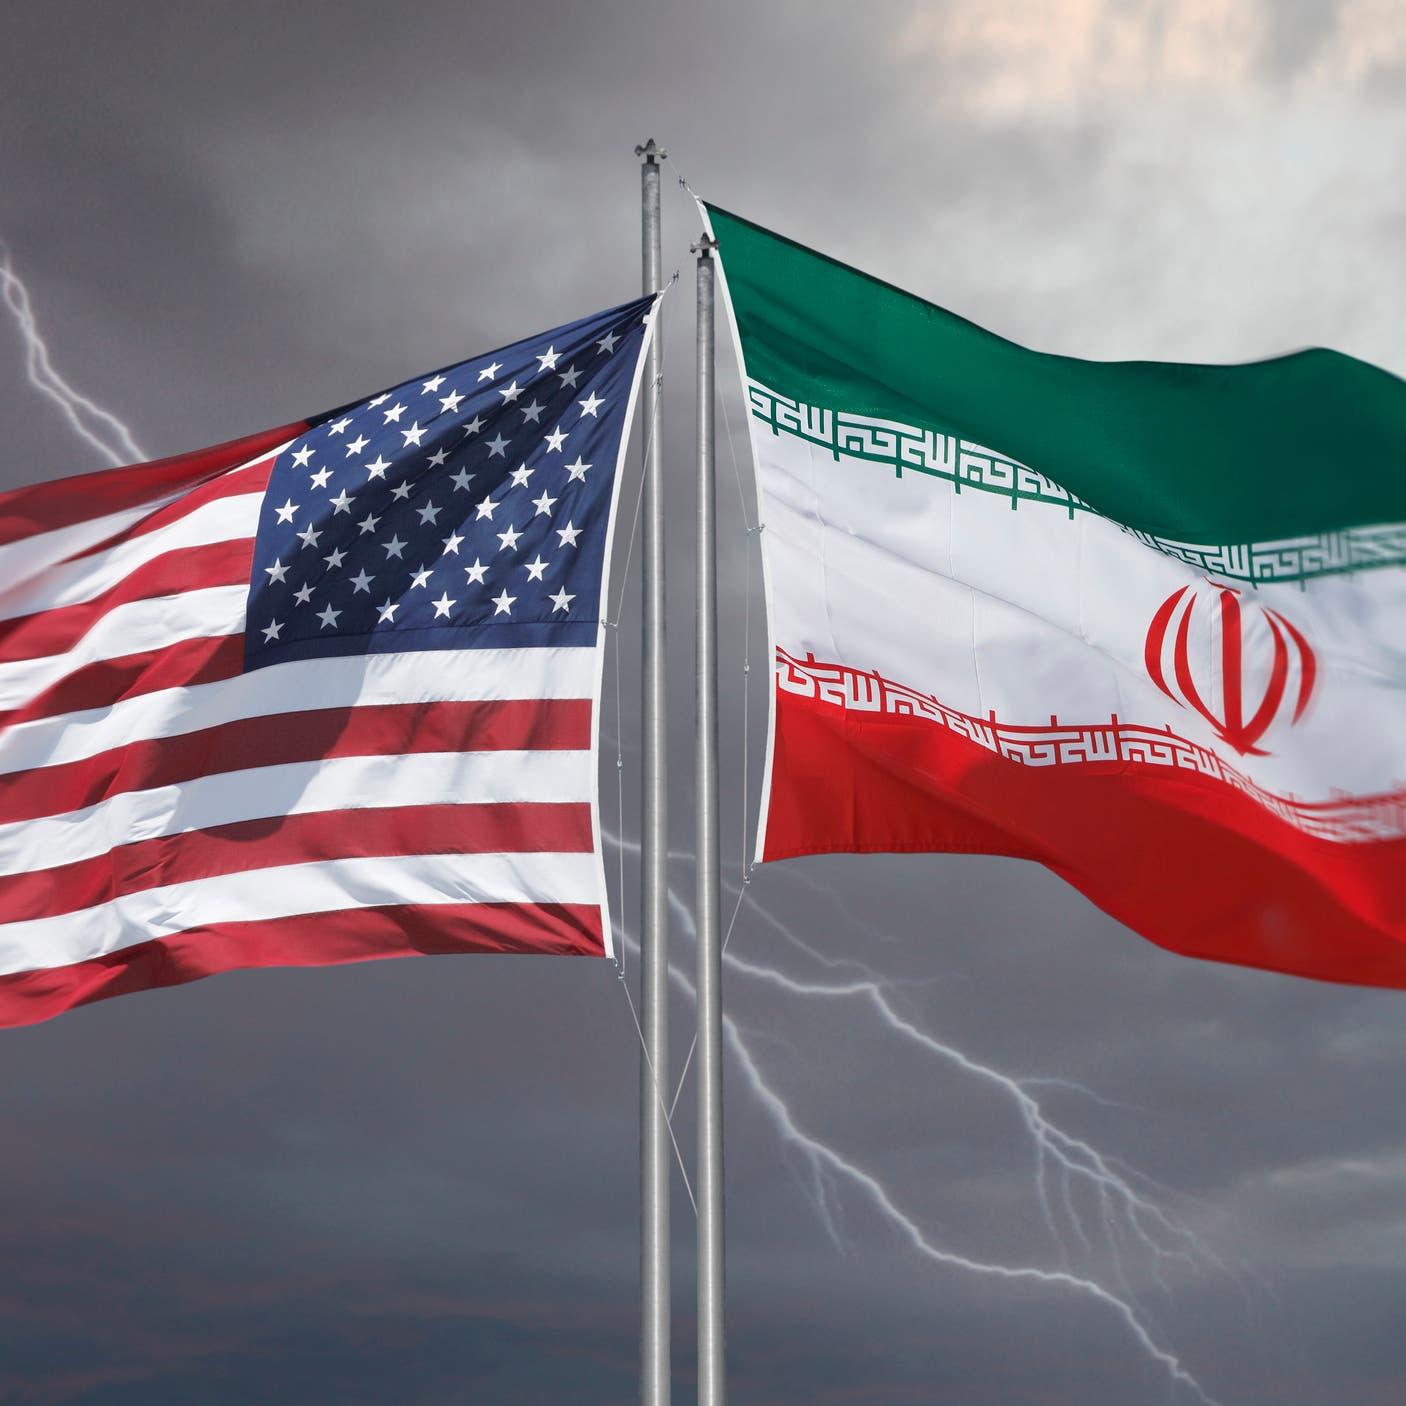 عقوبات أميركية على كيانات إيرانية بسبب أنشطة متعلقة بالأسلحة